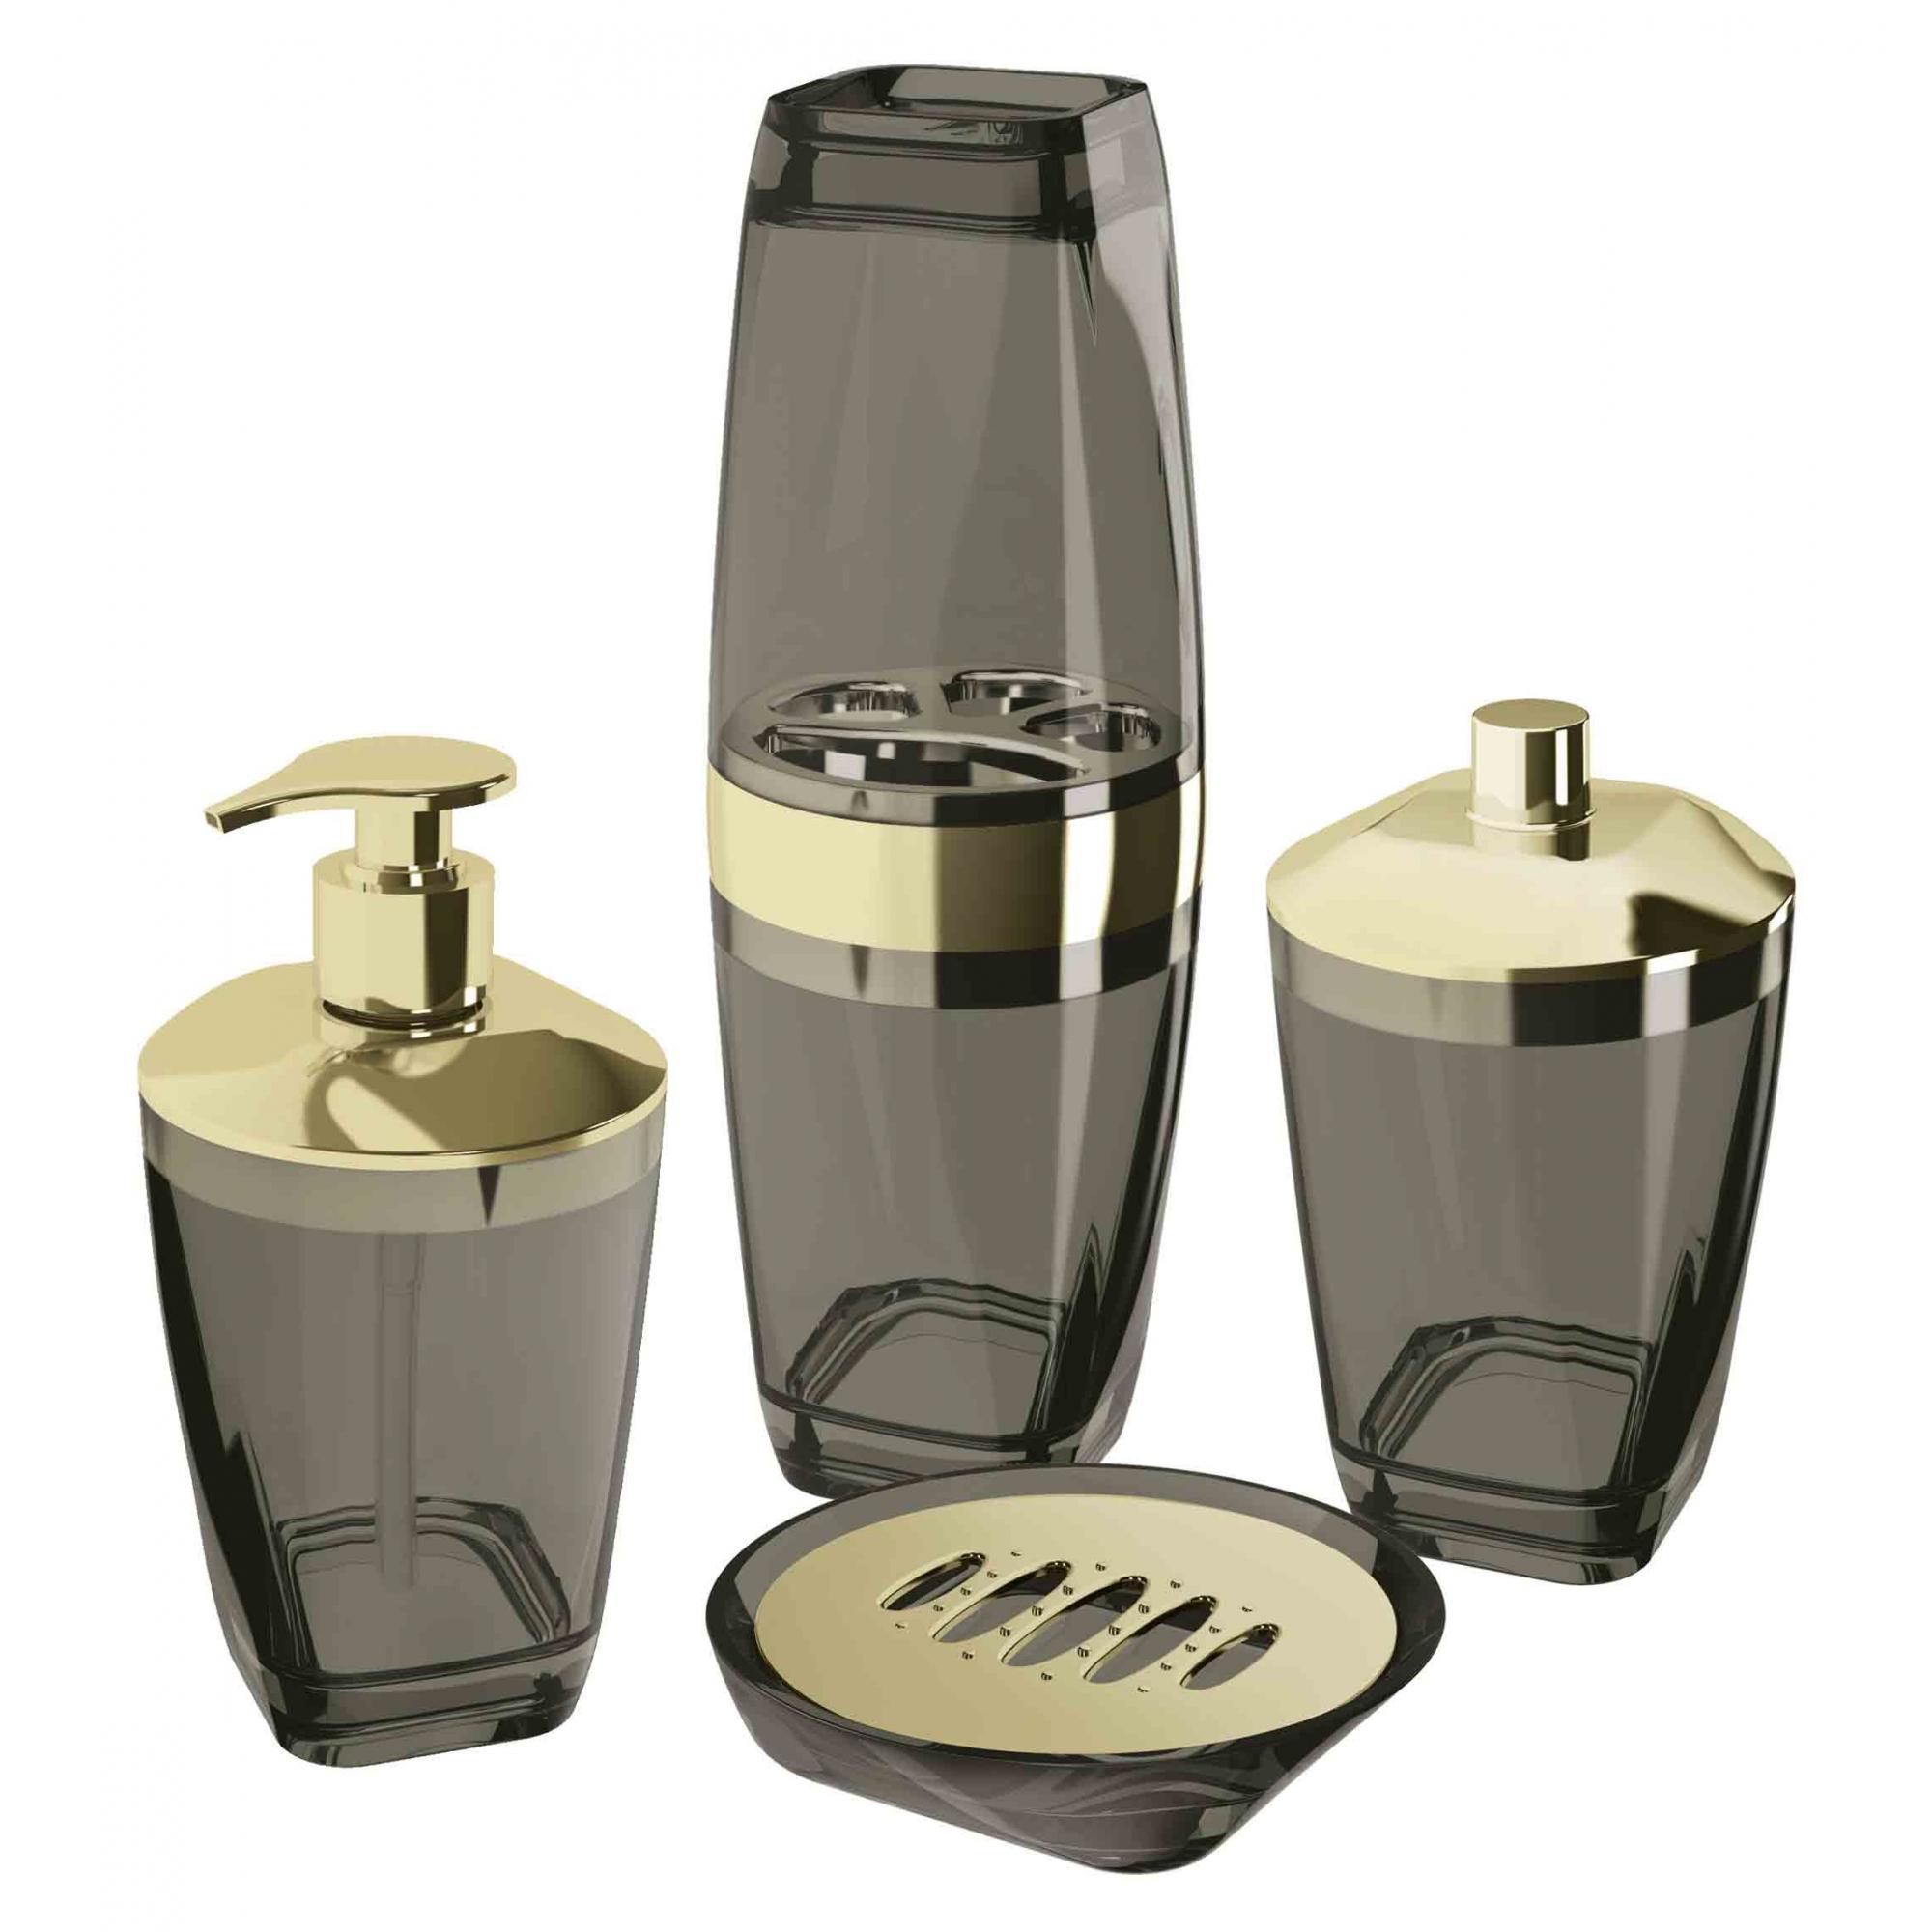 Kit Higiene Banheiro 4 Peças Porta Escova Sabonete Líquido Porta Algodão E Saboneteira Premium Uz